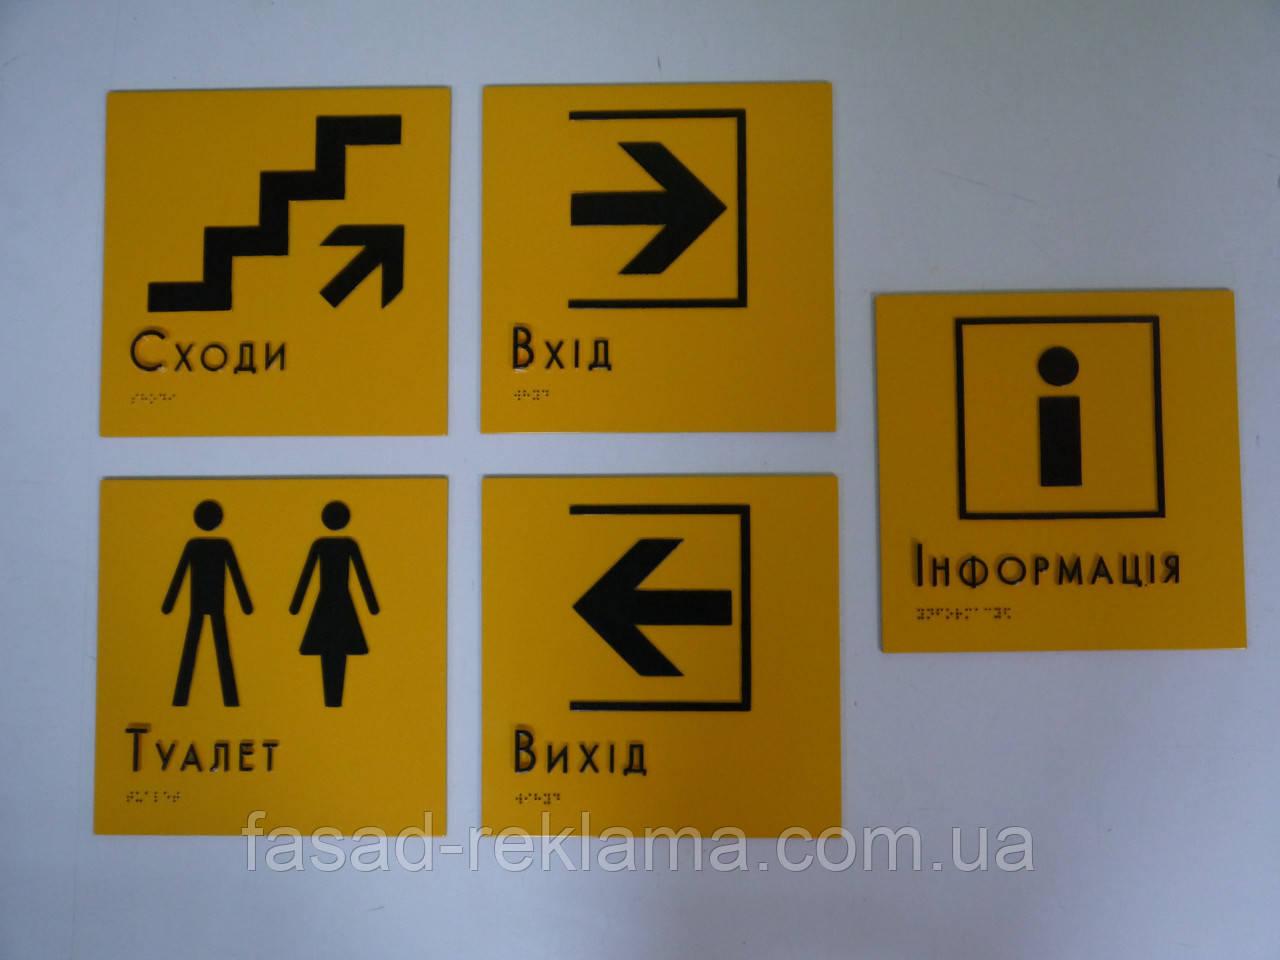 Изготолвение информационных табличек пиктограмм